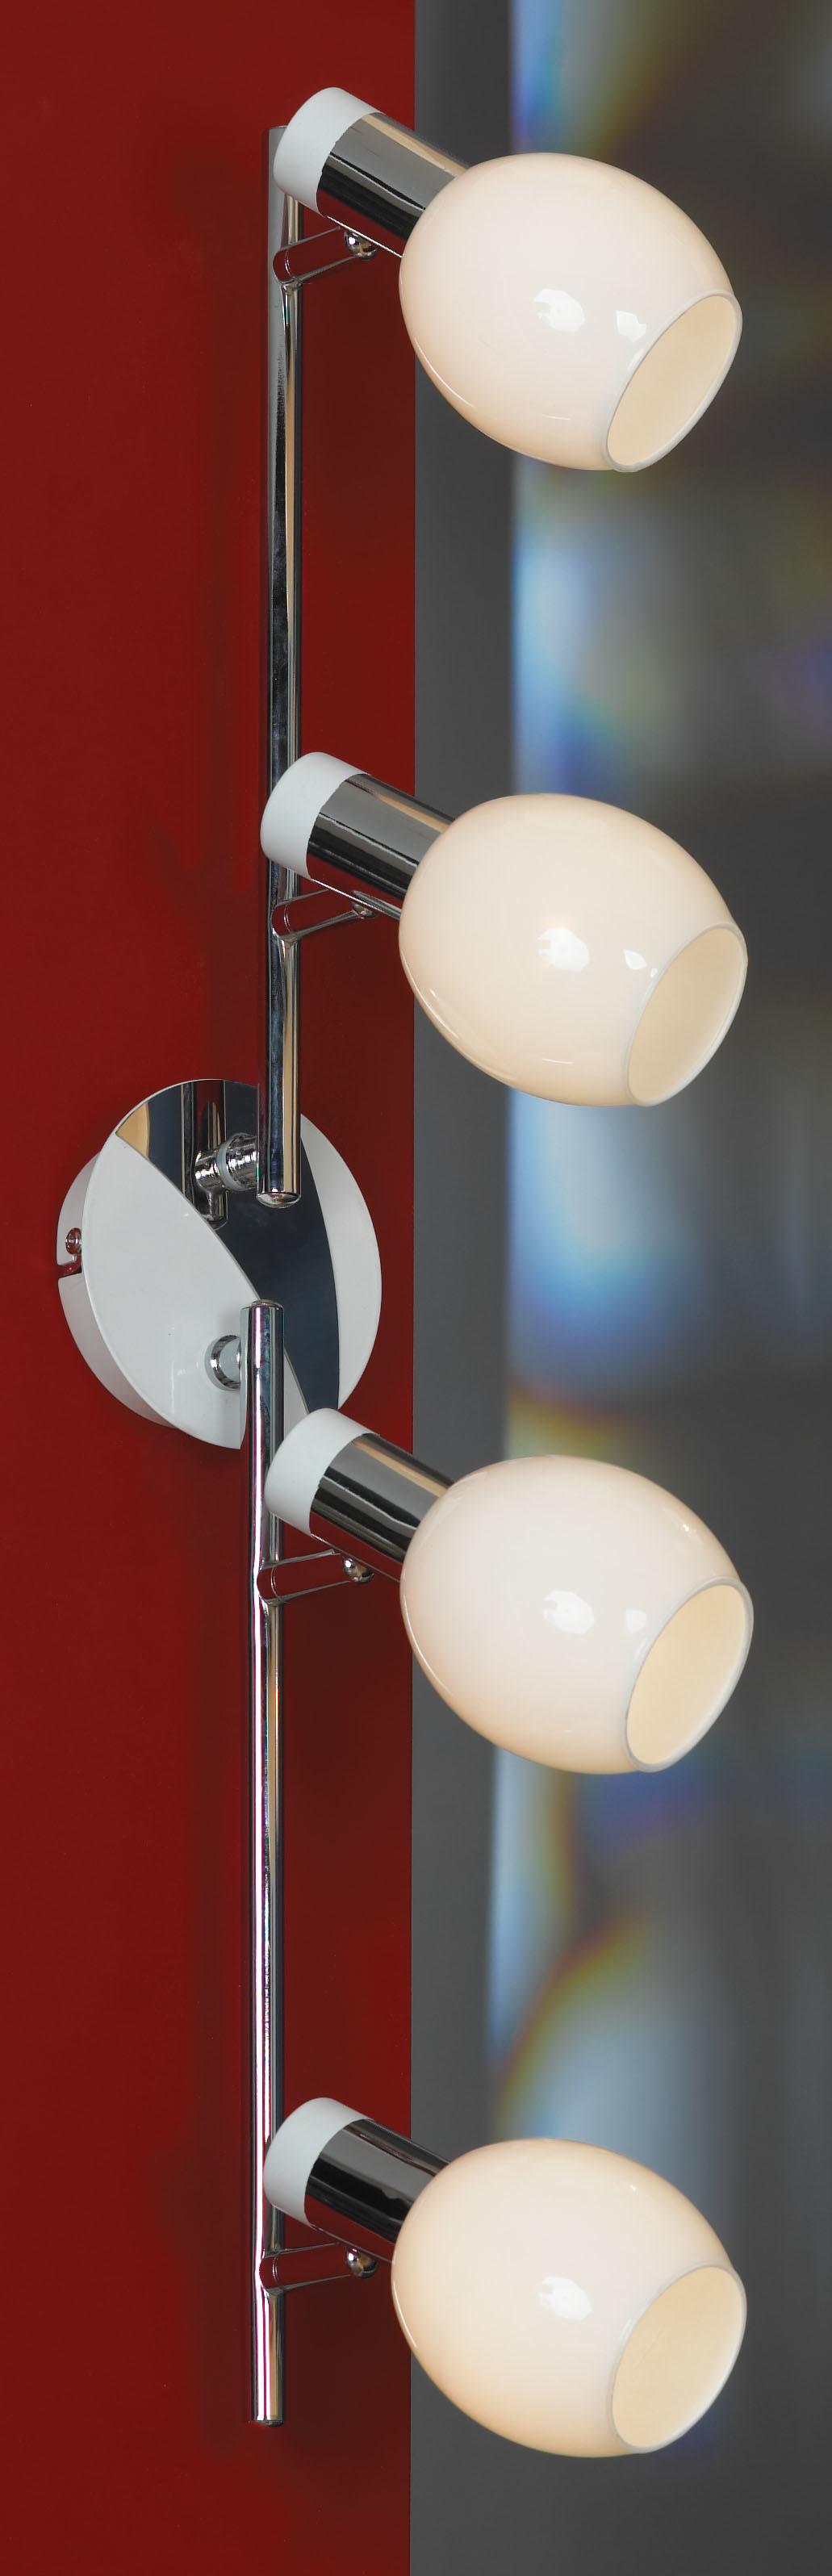 Потолочный светильник с регулировкой направления света Lussole Loft Parma LSX-5009-04, IP21, 4xE14x40W, белый, хром, металл, стекло - фото 2